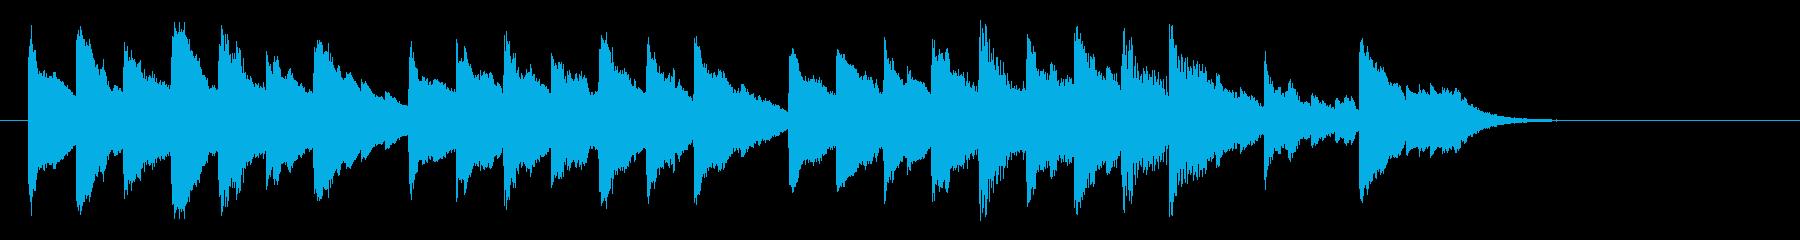 クリスマスをイメージした温かいジングルの再生済みの波形